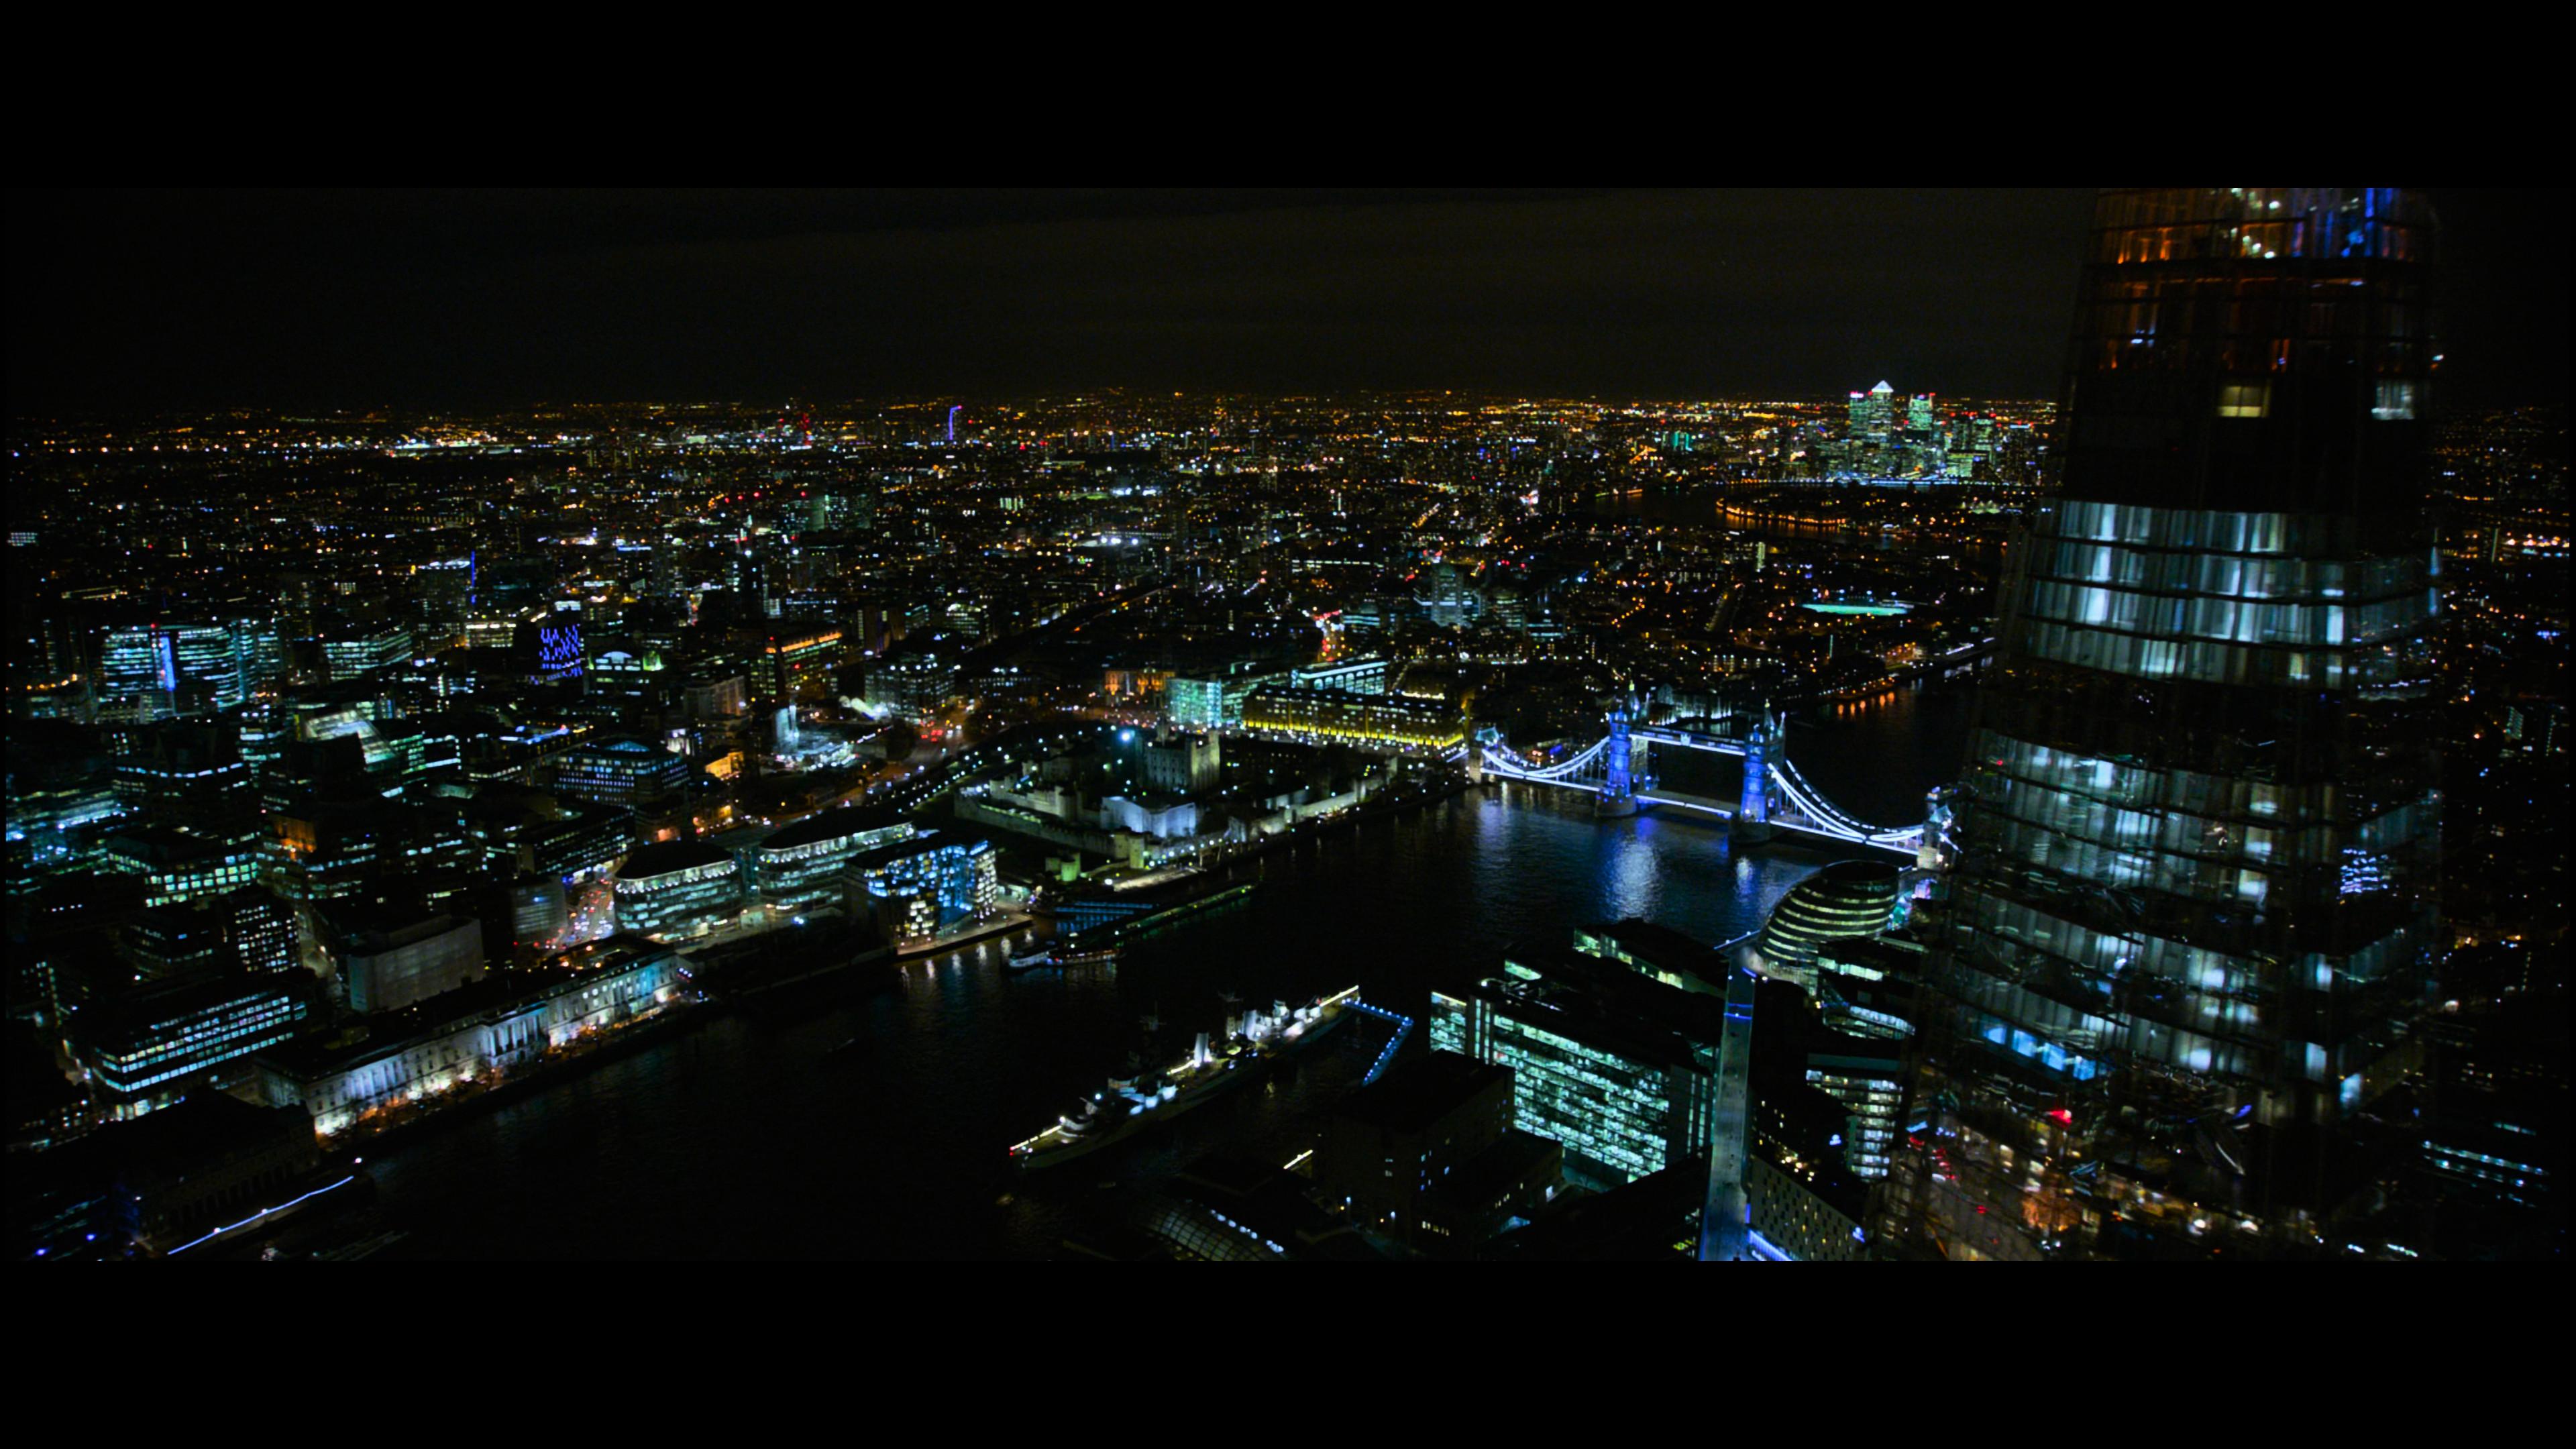 Vue de nuit de Londres avec tous les bâtiments éclairés